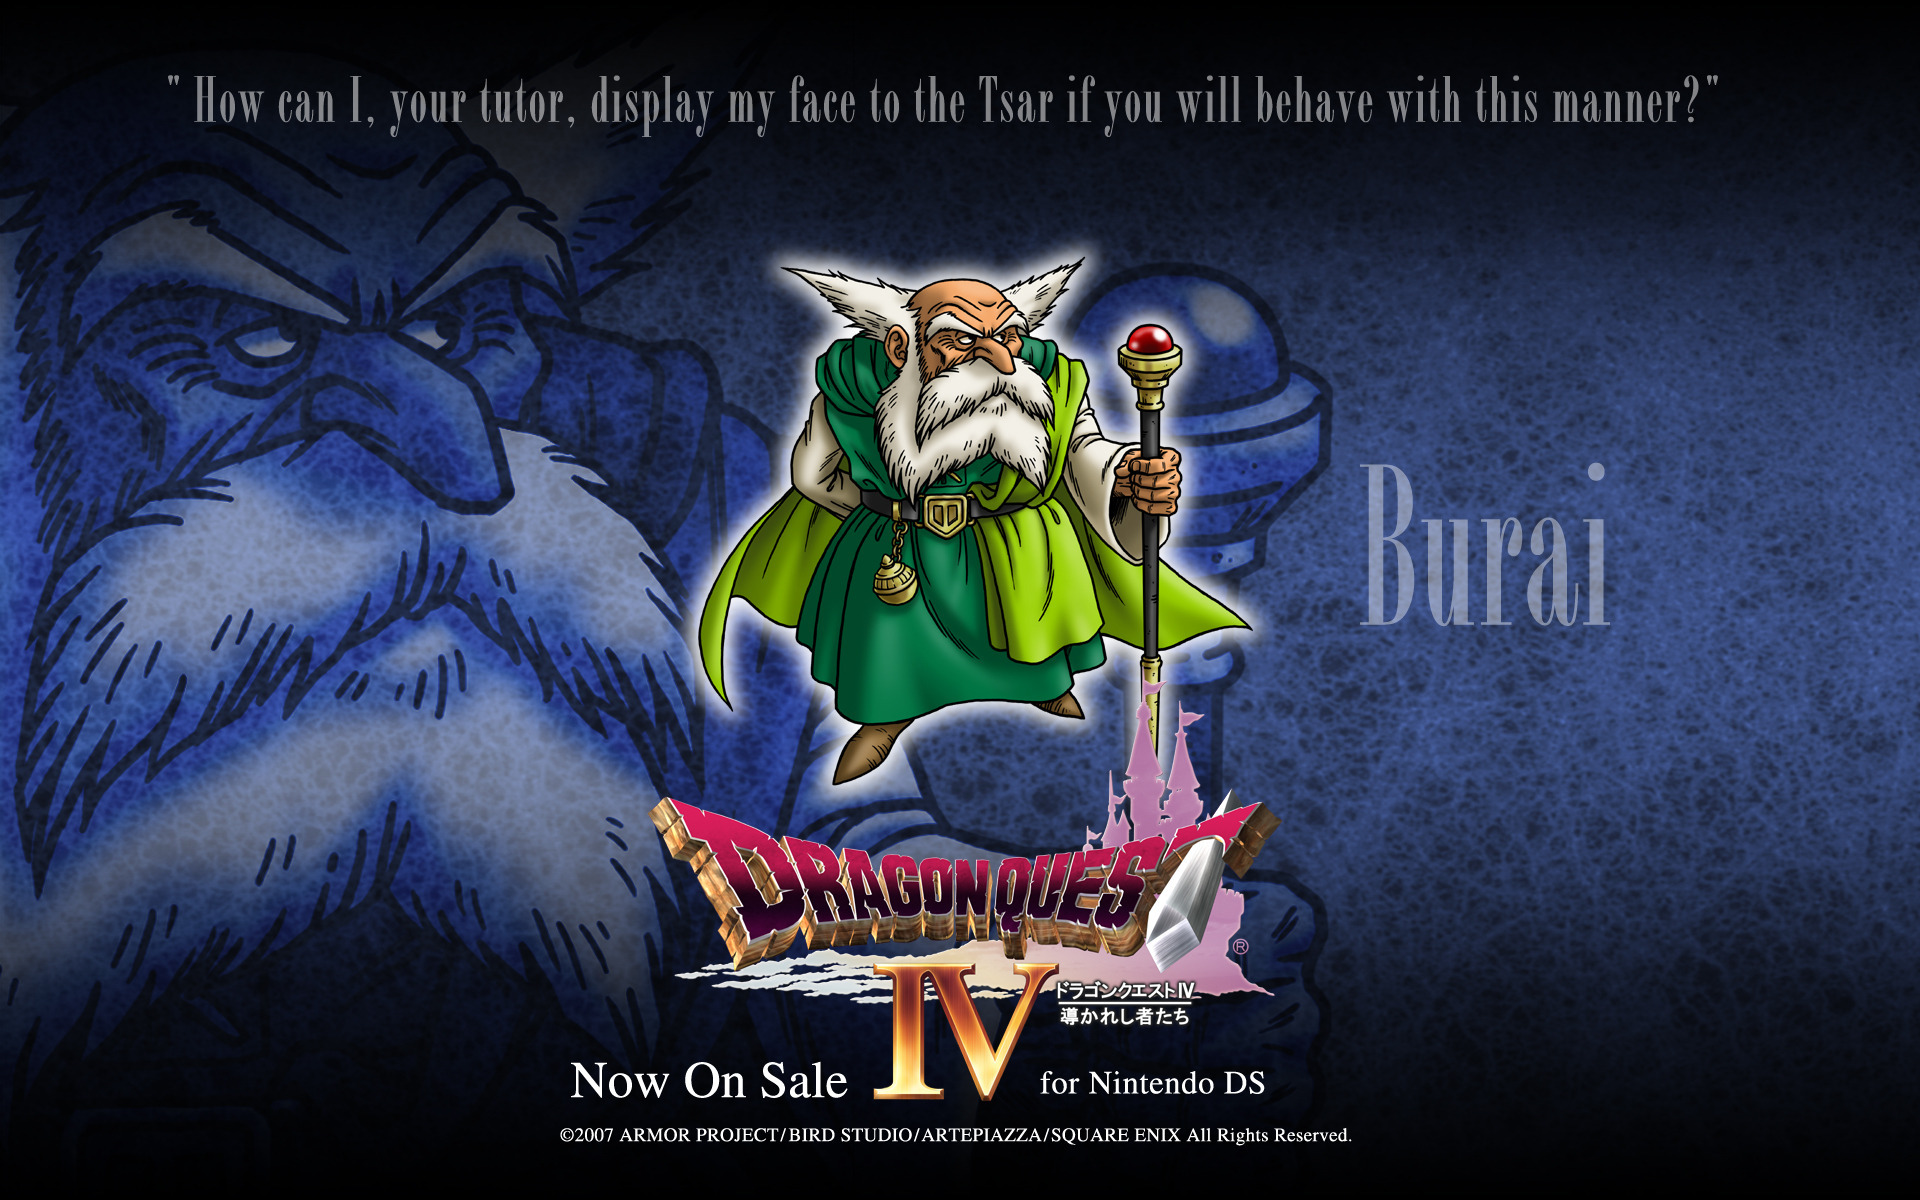 http://image.jeuxvideo.com/downloads/fonds-ecrans-wallpaper/00003252/dragon-quest-l-epop-e-des-elus-9943-wp.jpg